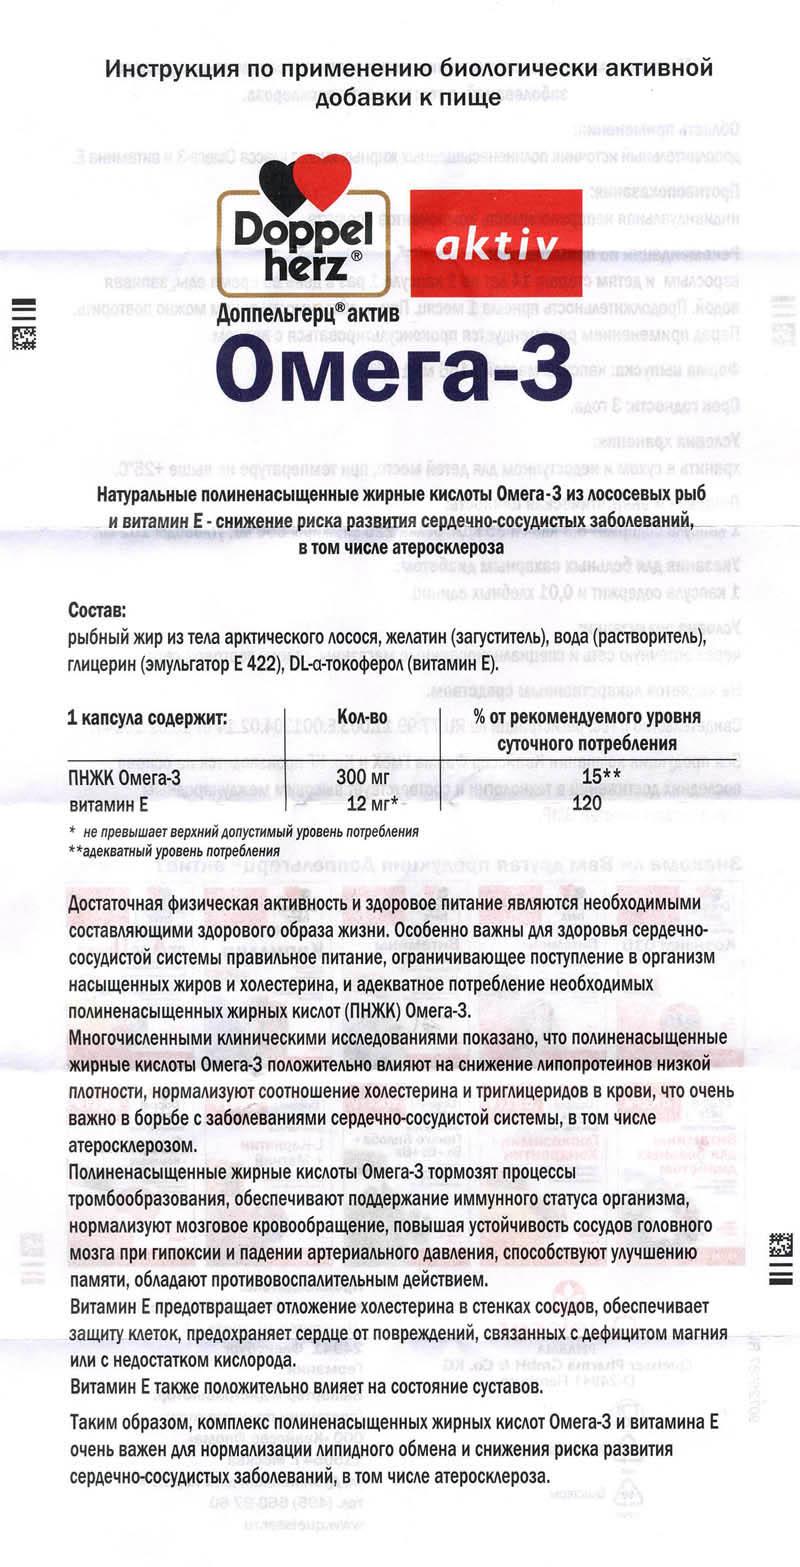 """""""доппельгерц актив омега-3"""": инструкция по применению, описание, аналоги и отзывы"""